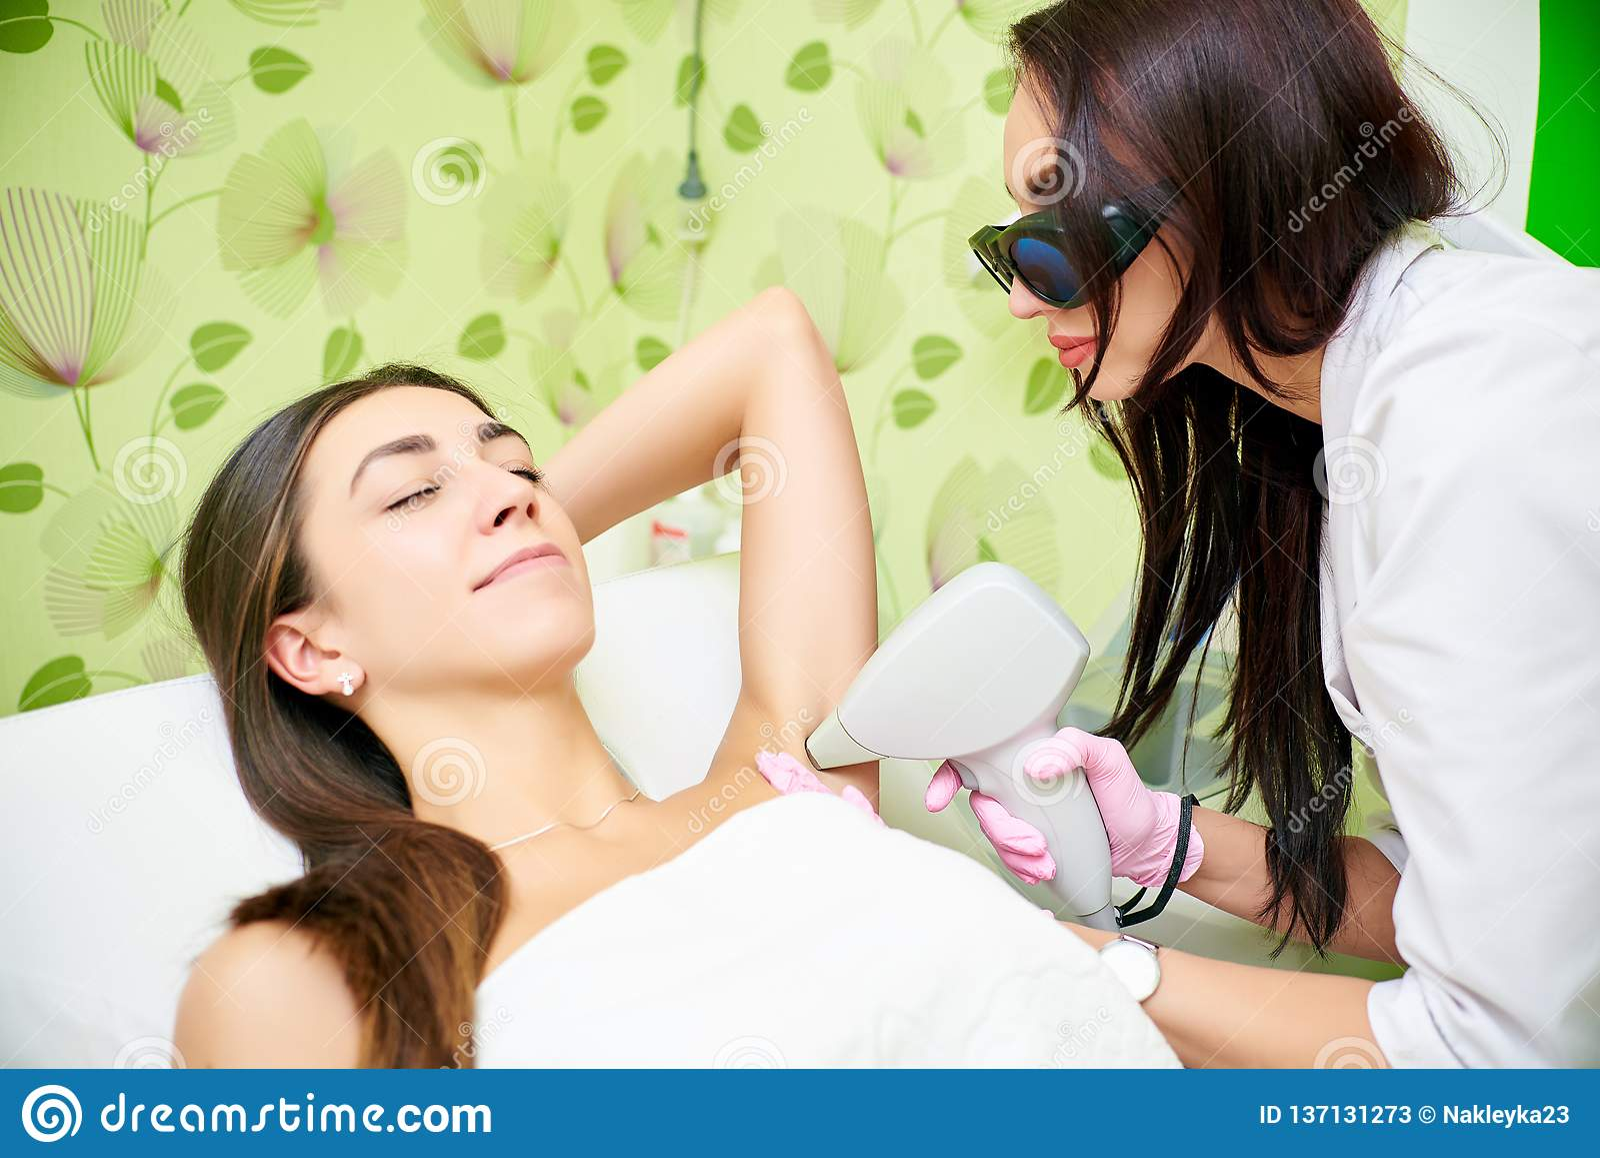 Peau lisse sous les bras Femme sur l épilation de laser, soin de corps Épilation pour les aisselles de laser